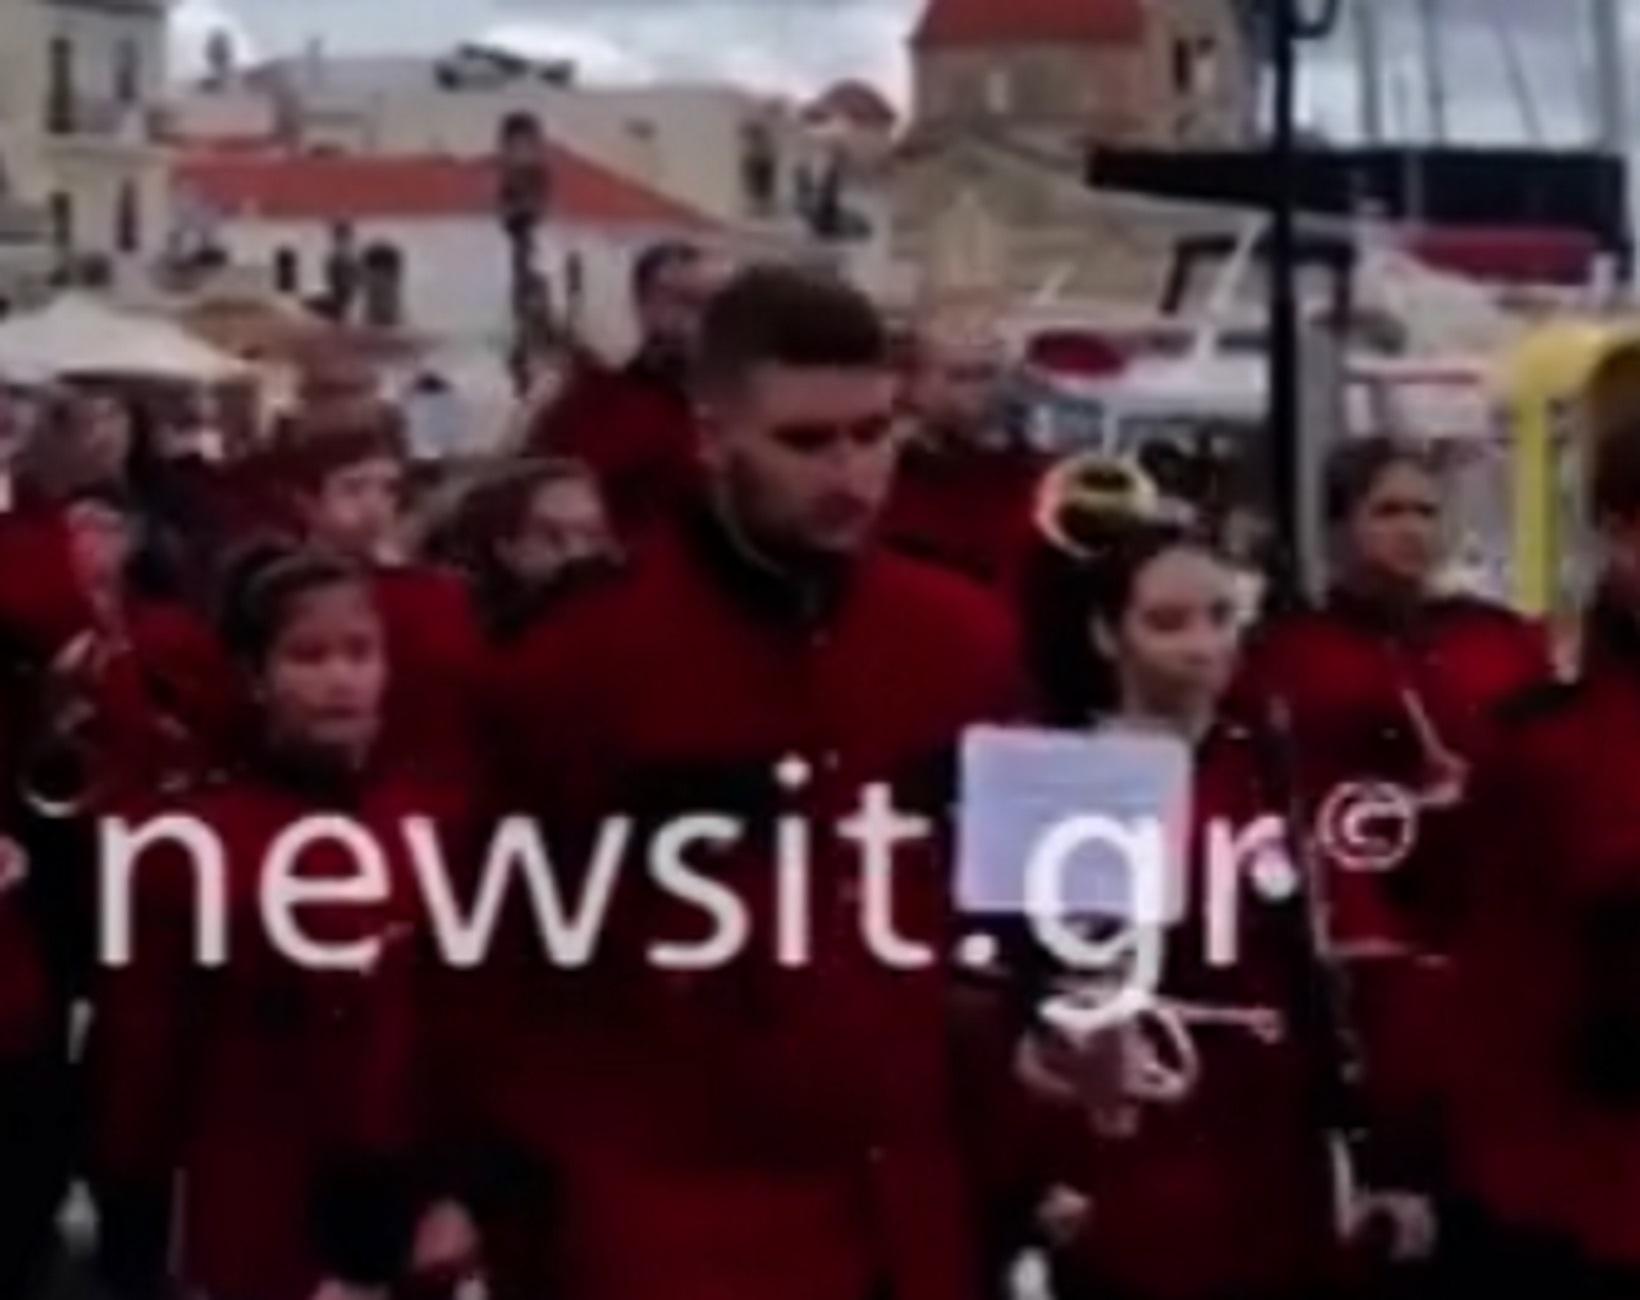 Αίγινα: Παρέλαση δίχως μάσκες! Απίθανες εικόνες με μαθητές, ιερείς, γονείς και αστυνομικούς (Βίντεο)